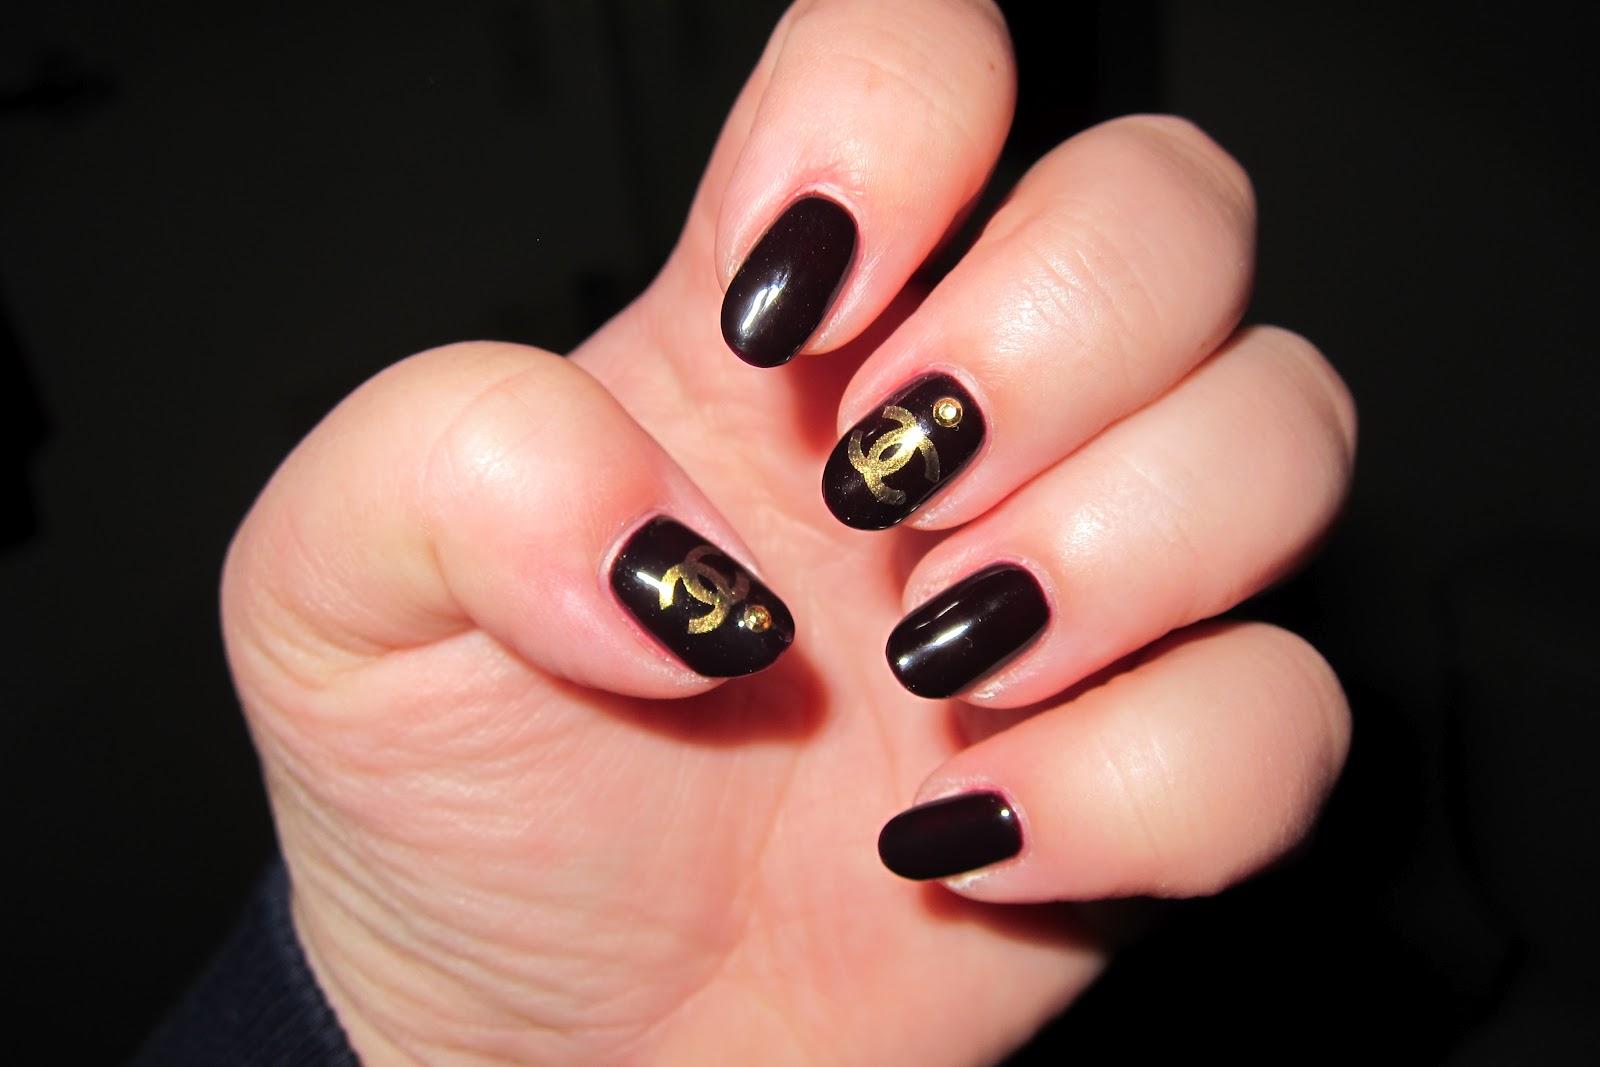 Nail Art World - gallery of nail design: Chanel Design Nails